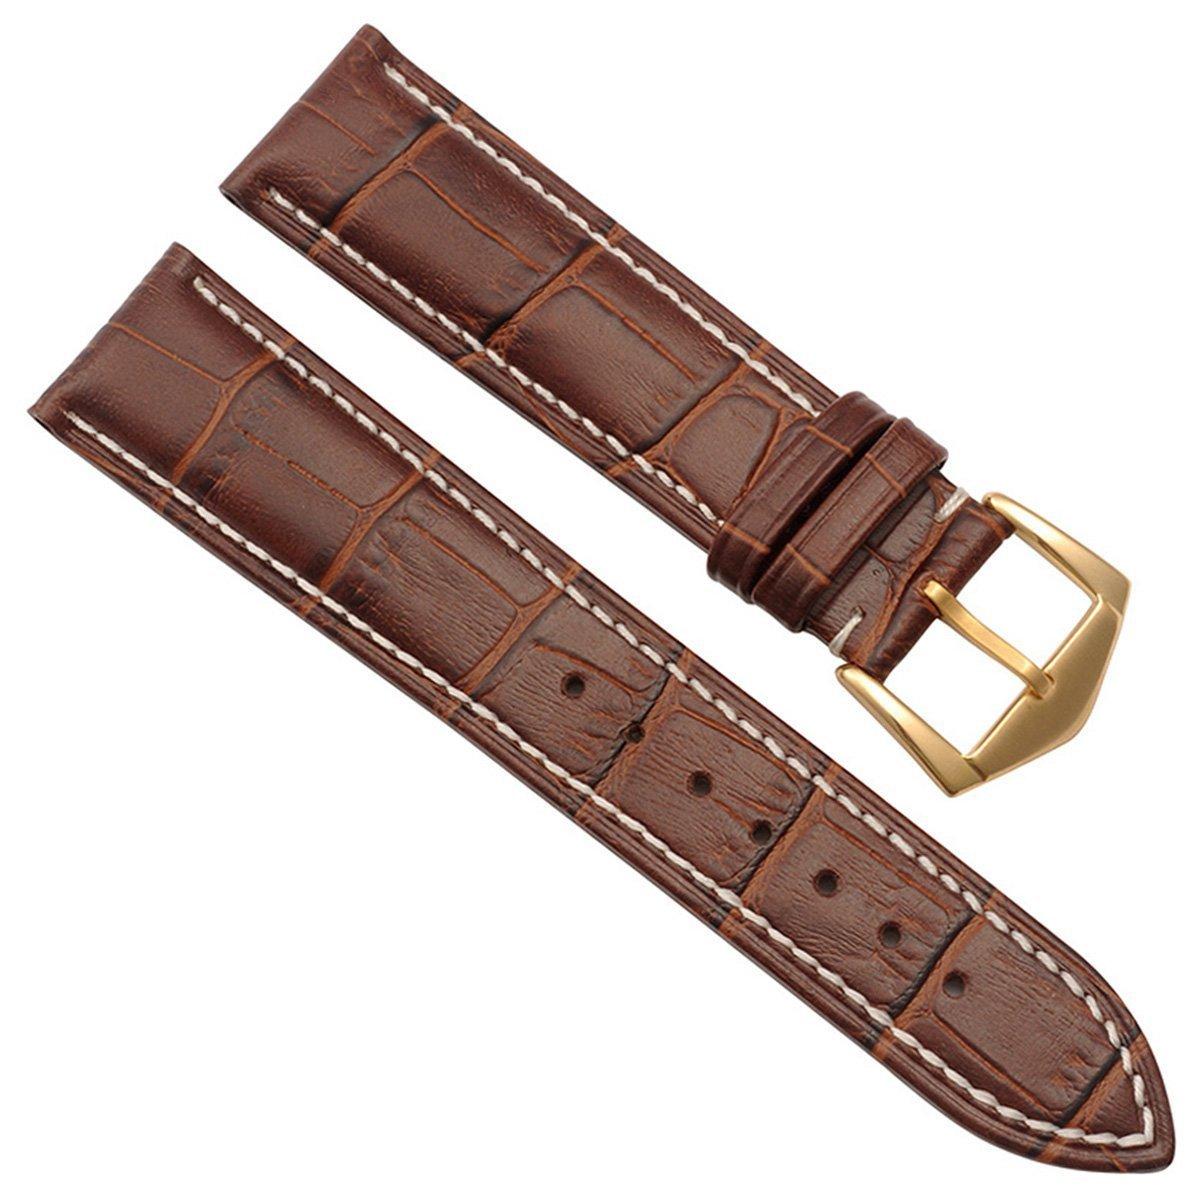 交換用の腕時計ベルト 本革 ステンレスメタル製の中留付き 22mm White Stitch/Brown 22mm White Stitch/Brown White Stitch/Brown 22mm B01G510OF8